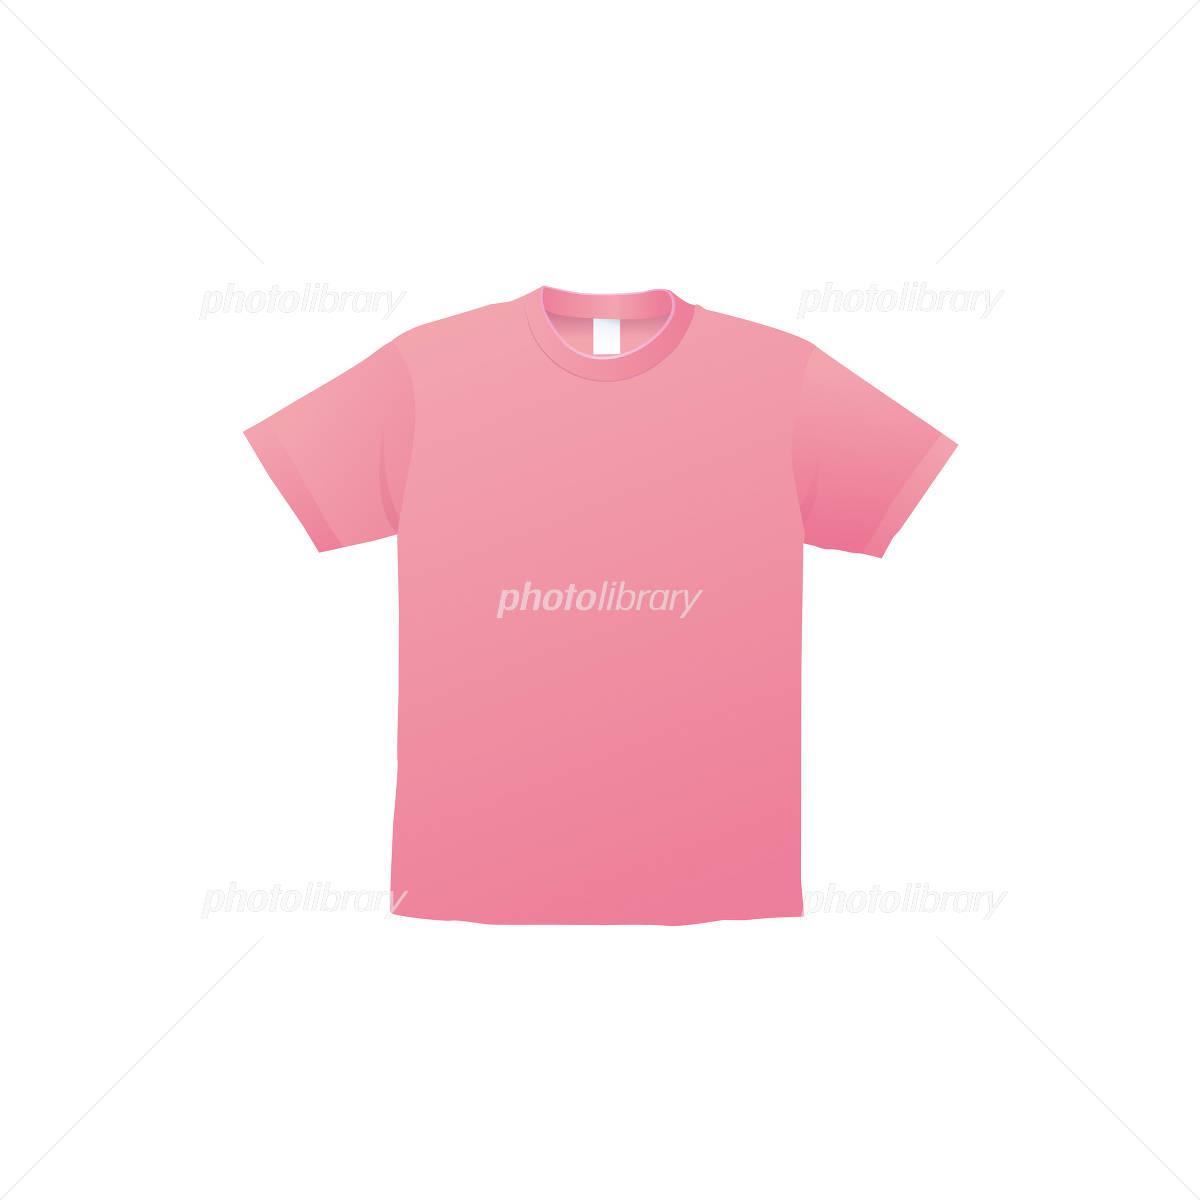 ピンクのtシャツのイラスト イラスト素材 1359092 フォトライブ